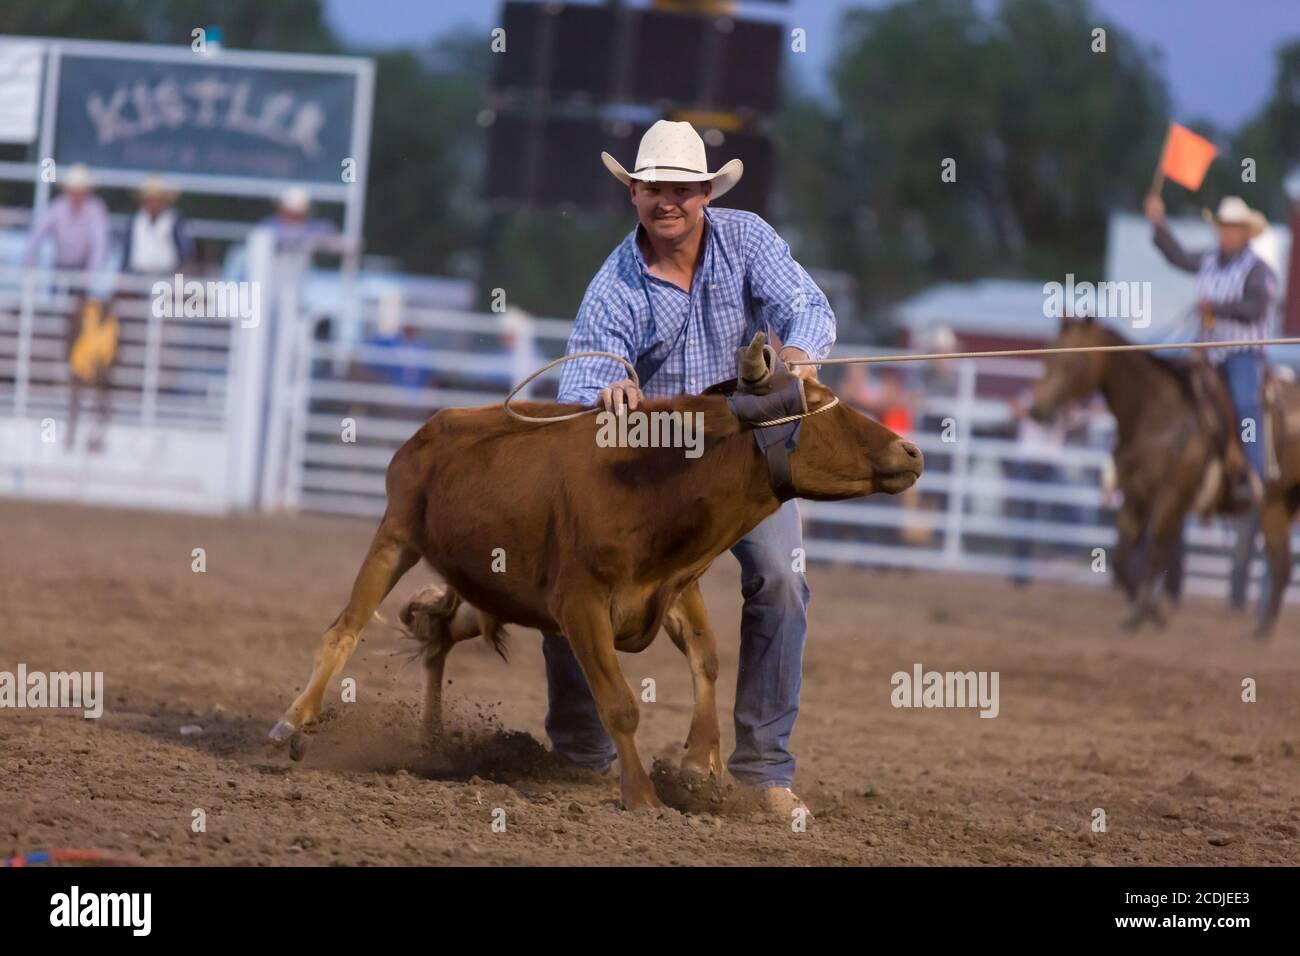 Un cowboy s'éloigne lors de l'épreuve de roping au PRCA Rodeo à la Wyoming State Fair à Douglas le jeudi 13 août 2020. La 108e foire annuelle a ouvert cette semaine avec des précautions supplémentaires pour prévenir la propagation du virus COVID-19. Banque D'Images